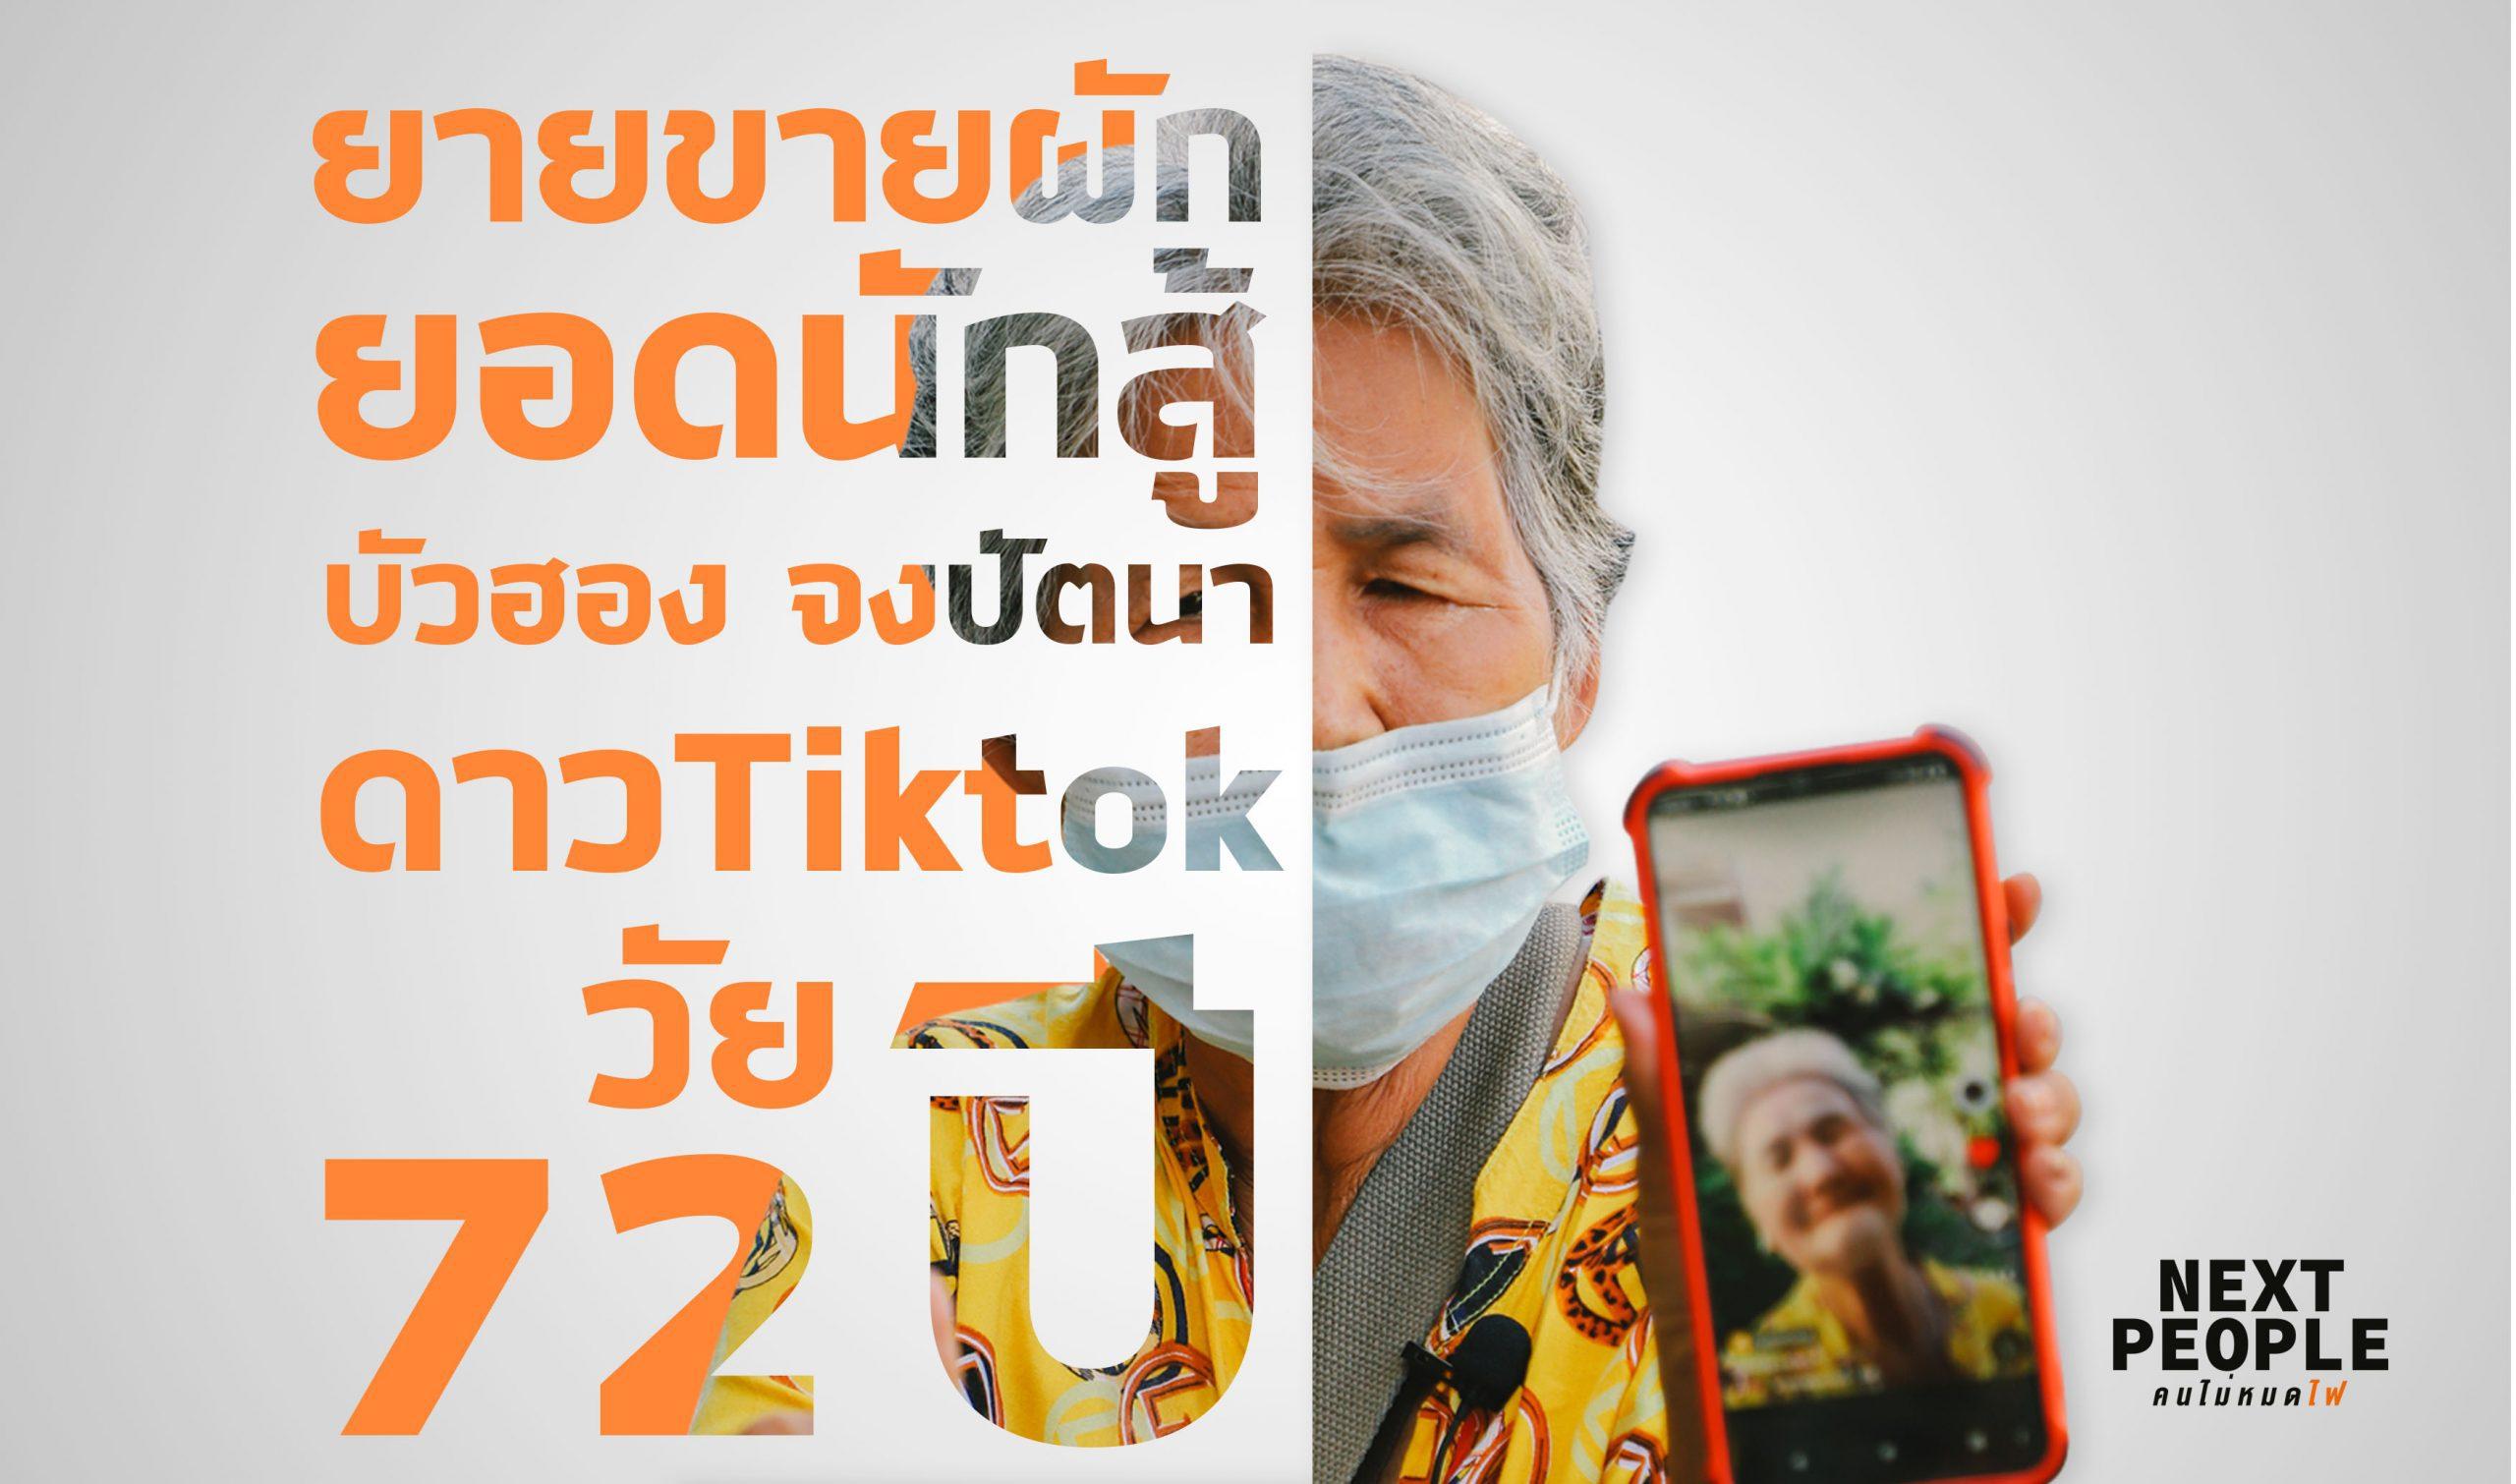 ยายขายผักยอดนักสู้ บัวฮอง จงปัตนา ดาว Tiktok วัย 72 ปี